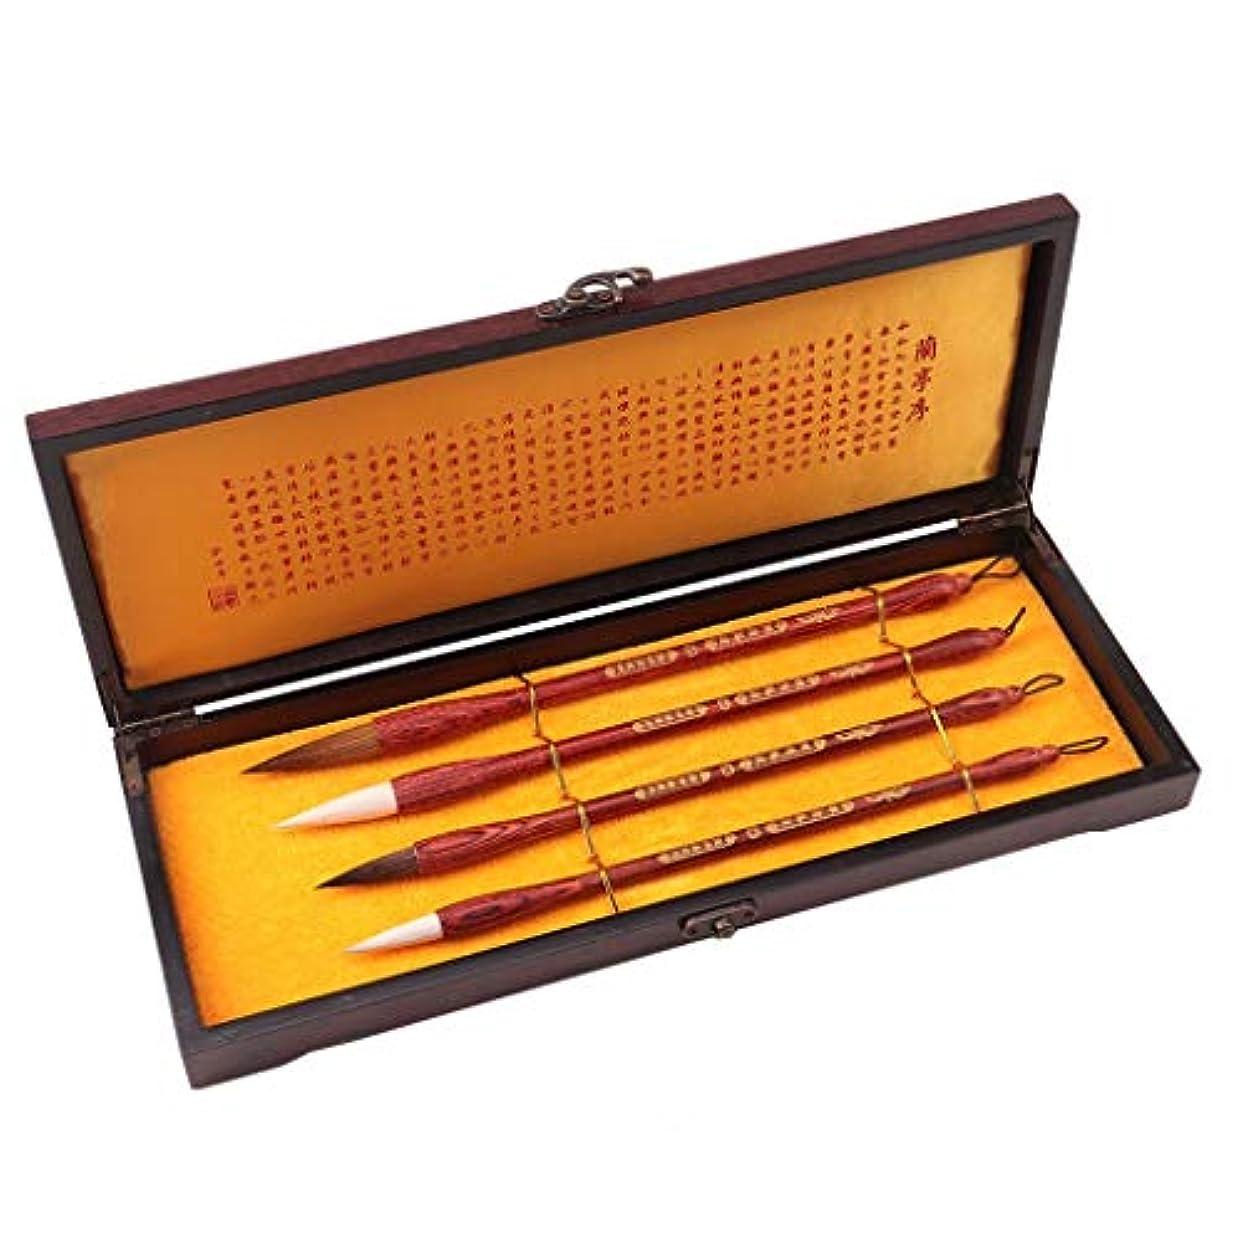 破壊的期限切れ承認書道絵画作文の練習ブラシのために4本繁体字中国語ウルフヘアー筆